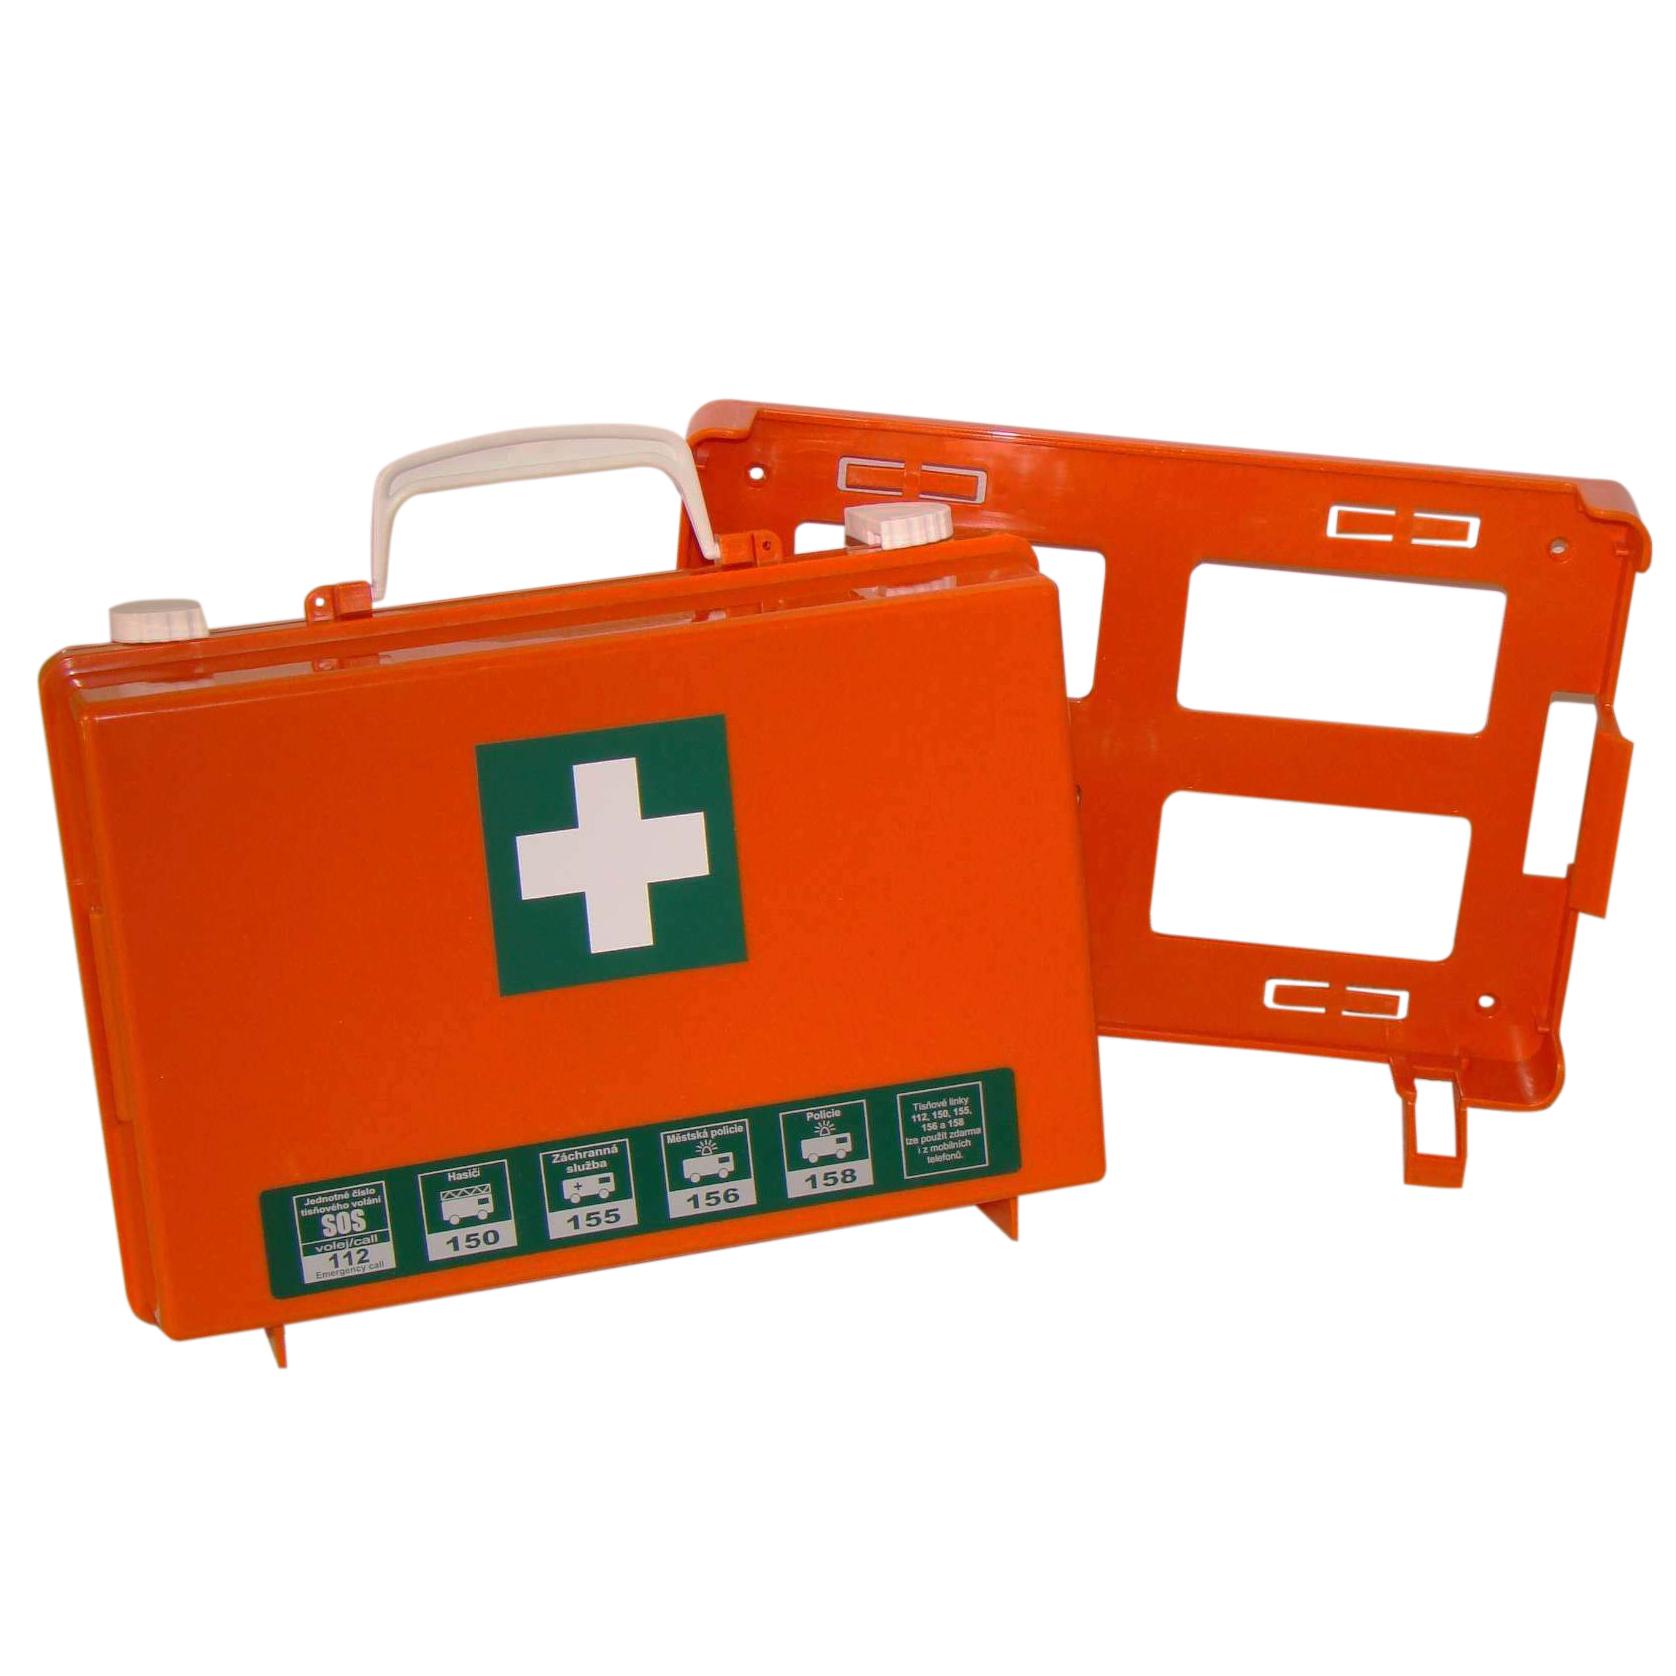 ABS plast DIN 13169 - d337a51b828